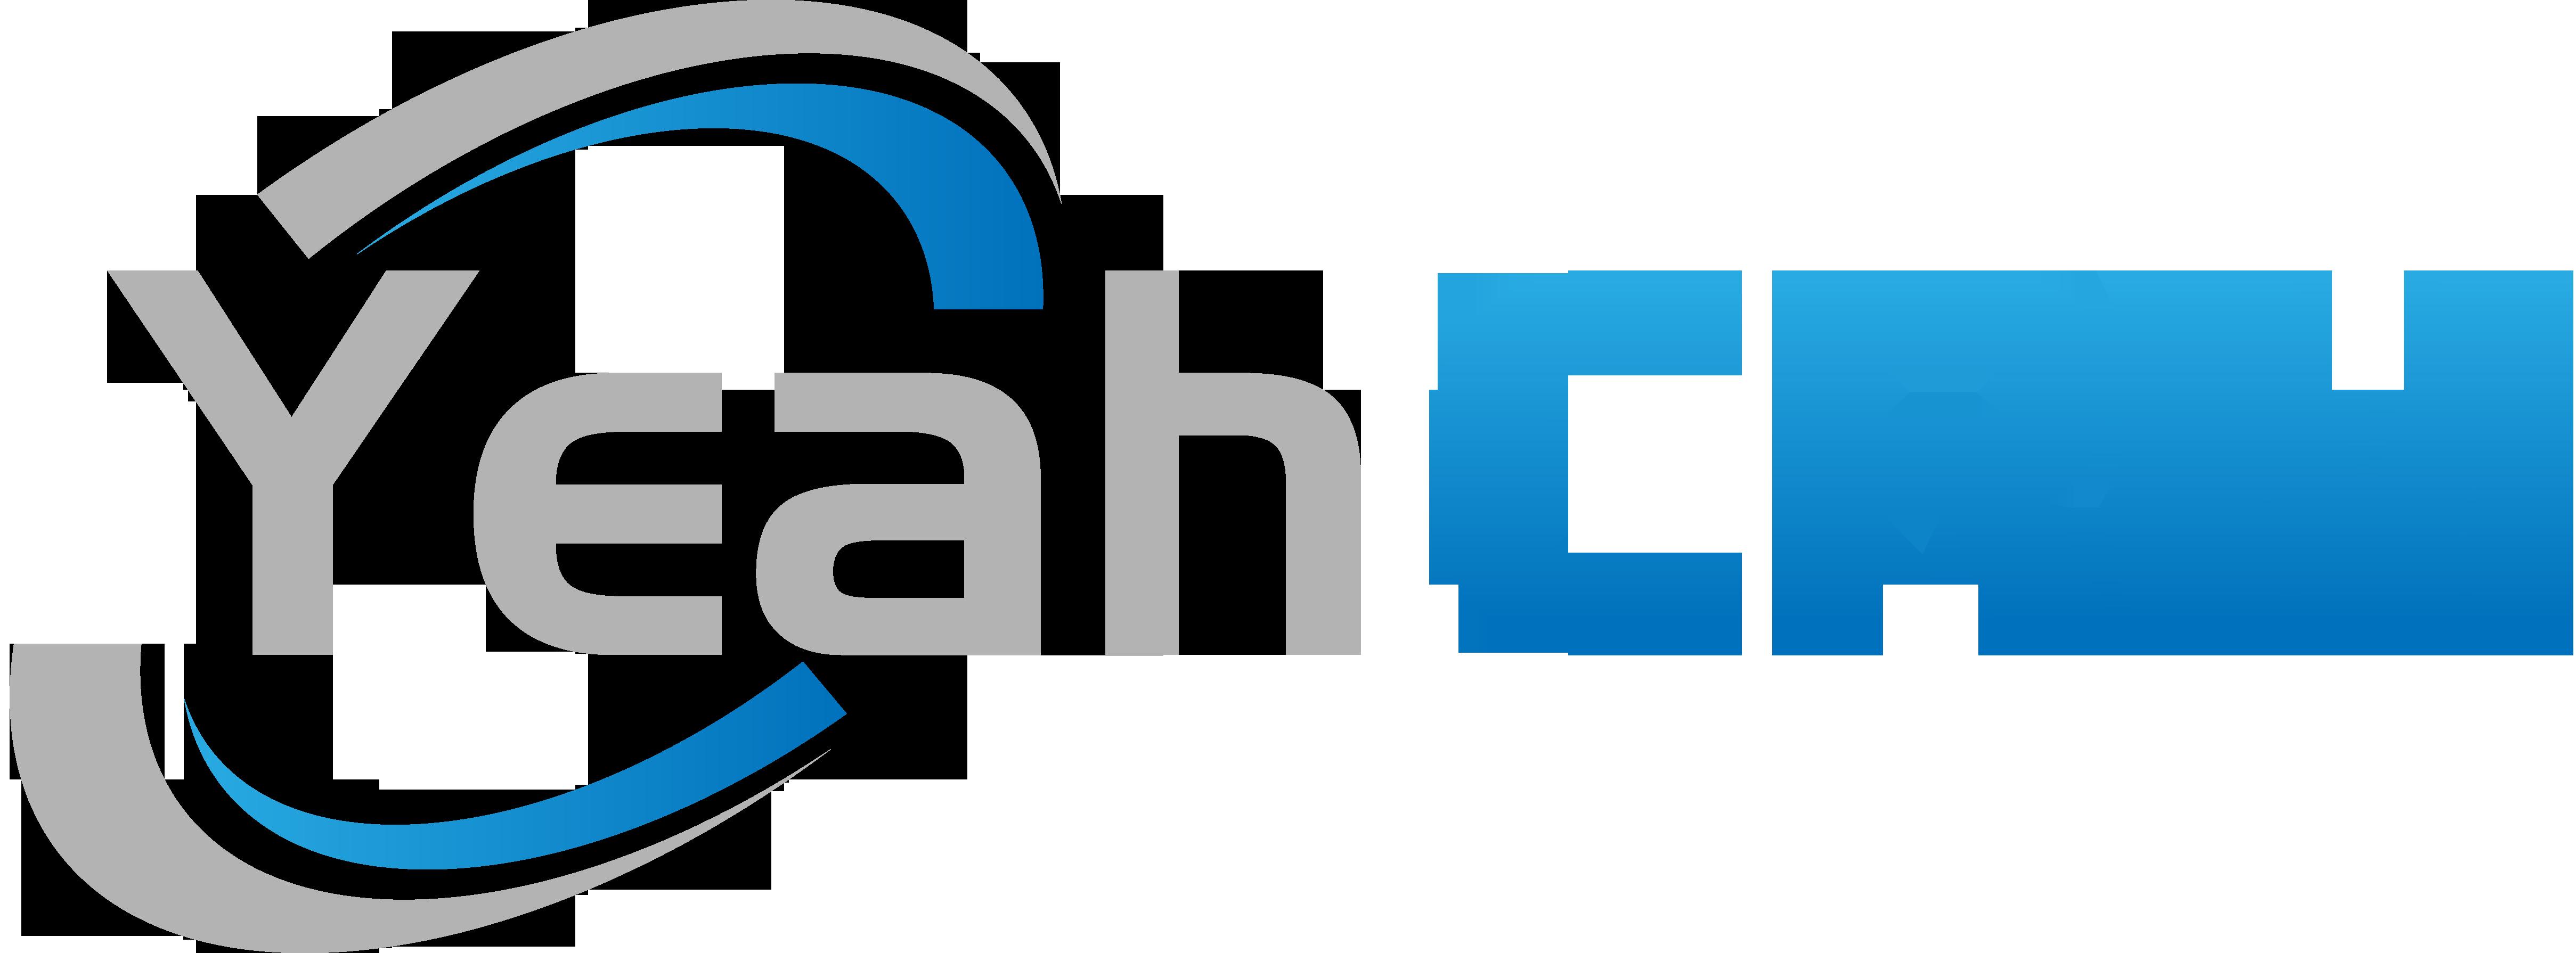 Những cập nhật tuyệt vời trong phiên bản YeahCRM 2.1